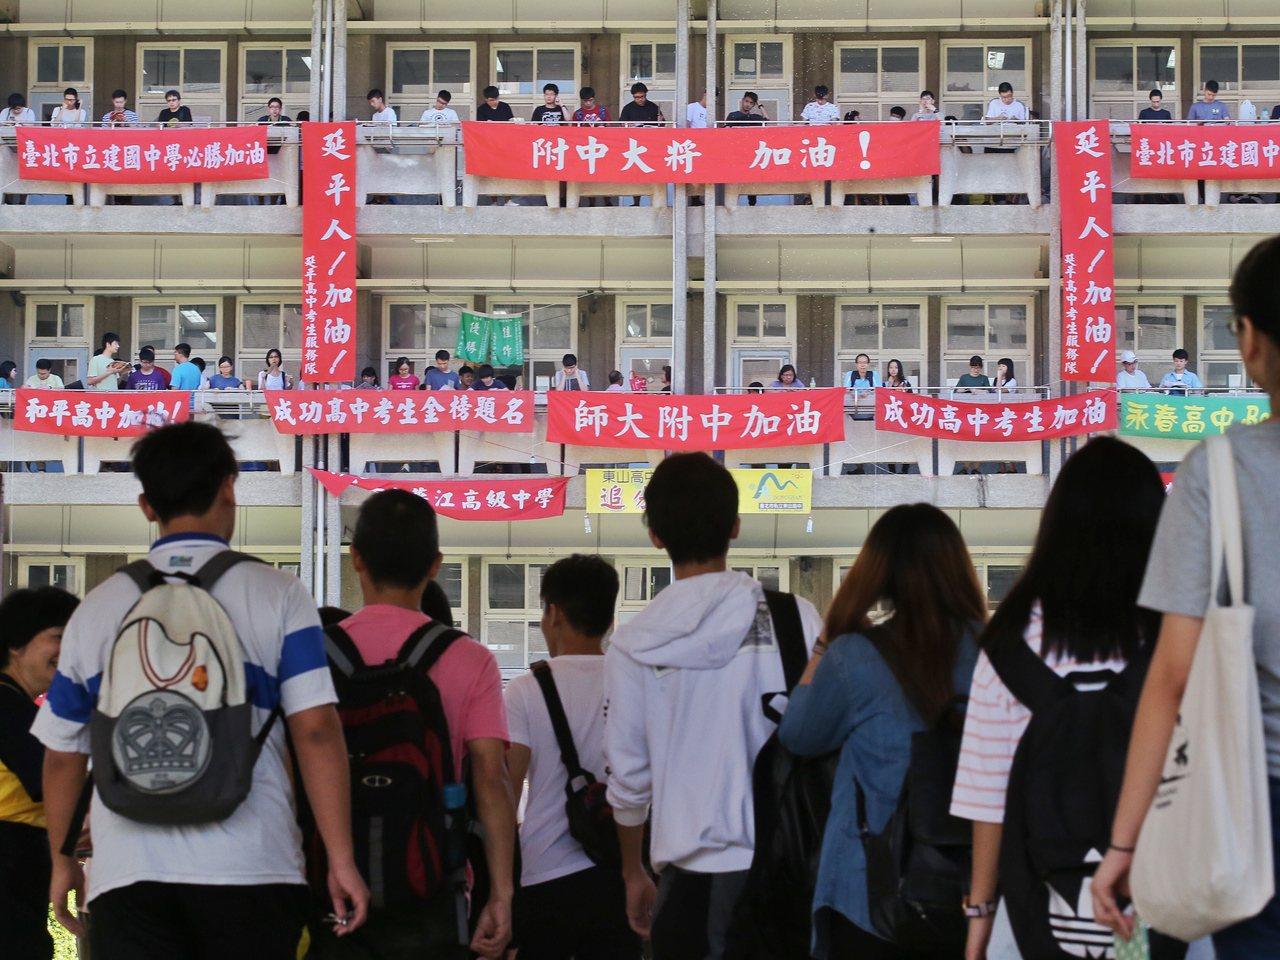 圖為106學年度指考今天進入最後一天,考生進入考場準備應試。記者楊萬雲/攝影